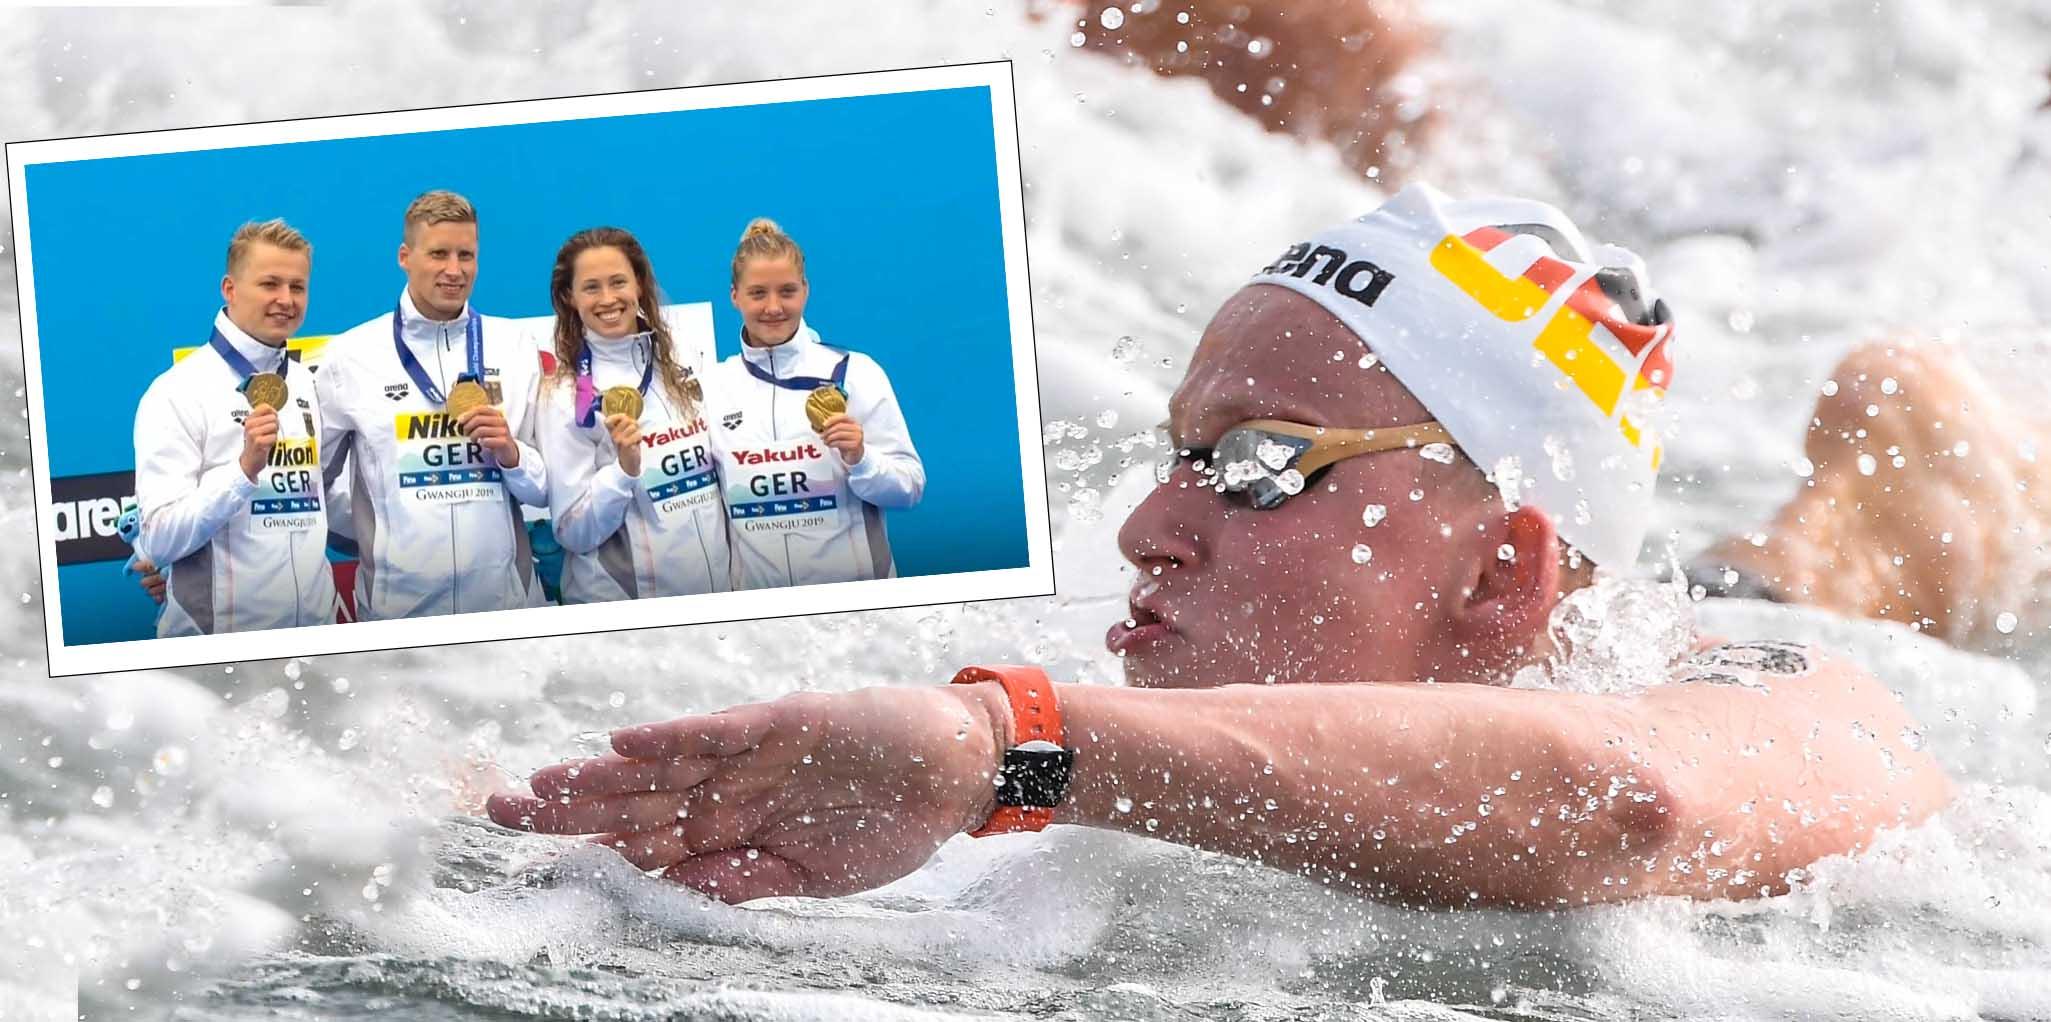 Mit Kampf zu Gold: Deutsche Freiwasser Staffel holt den WM Titel